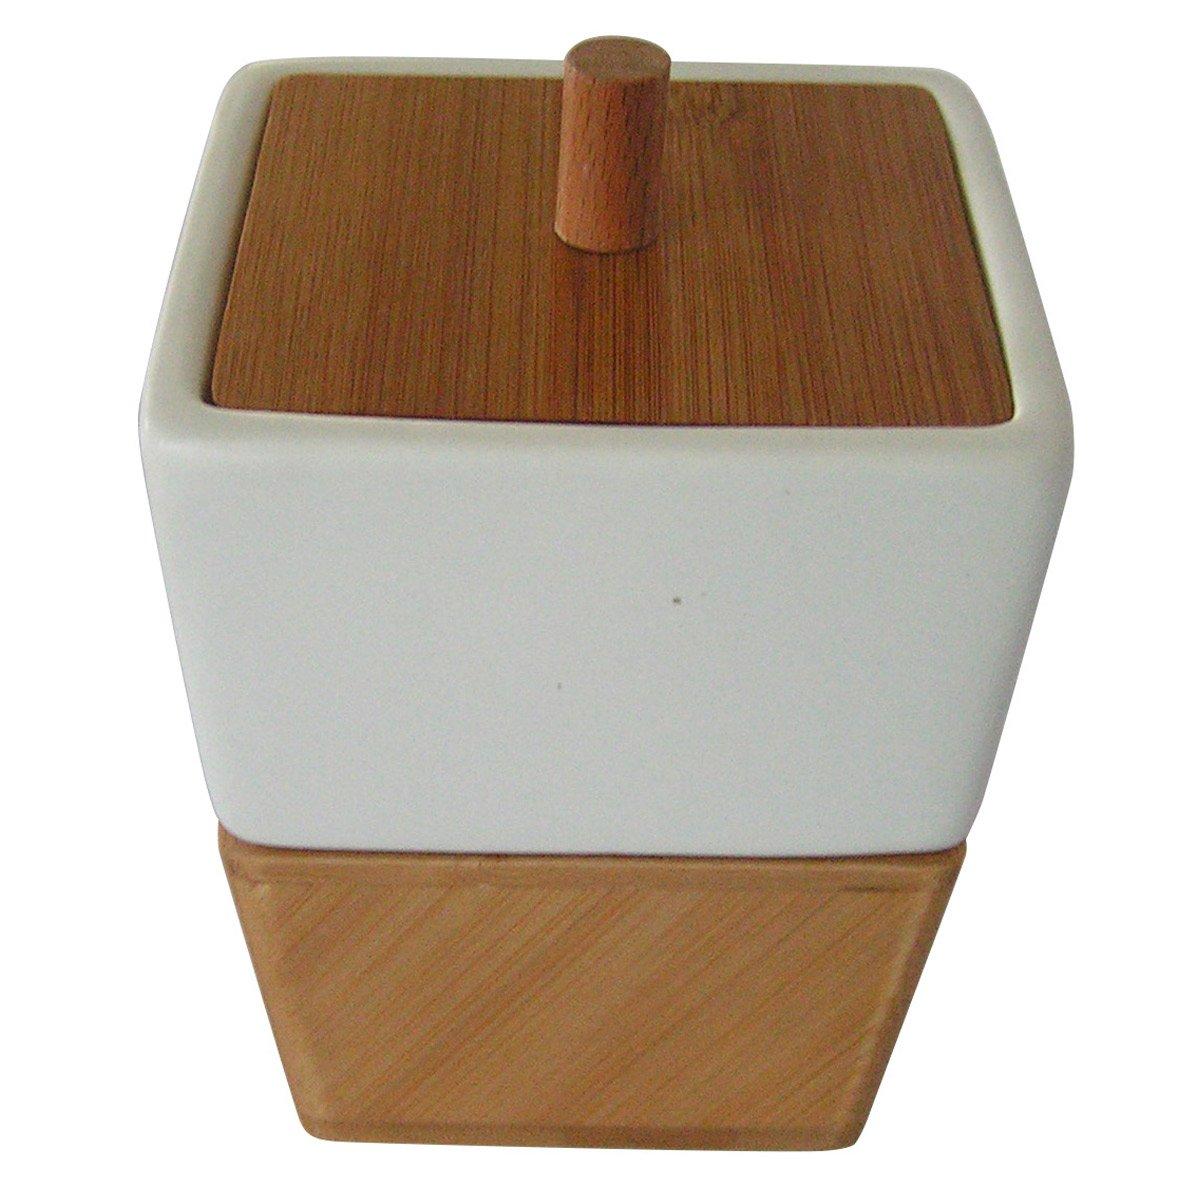 Contenedor para ba o de bamb y porcelana sears com mx for Accesorios bano bambu